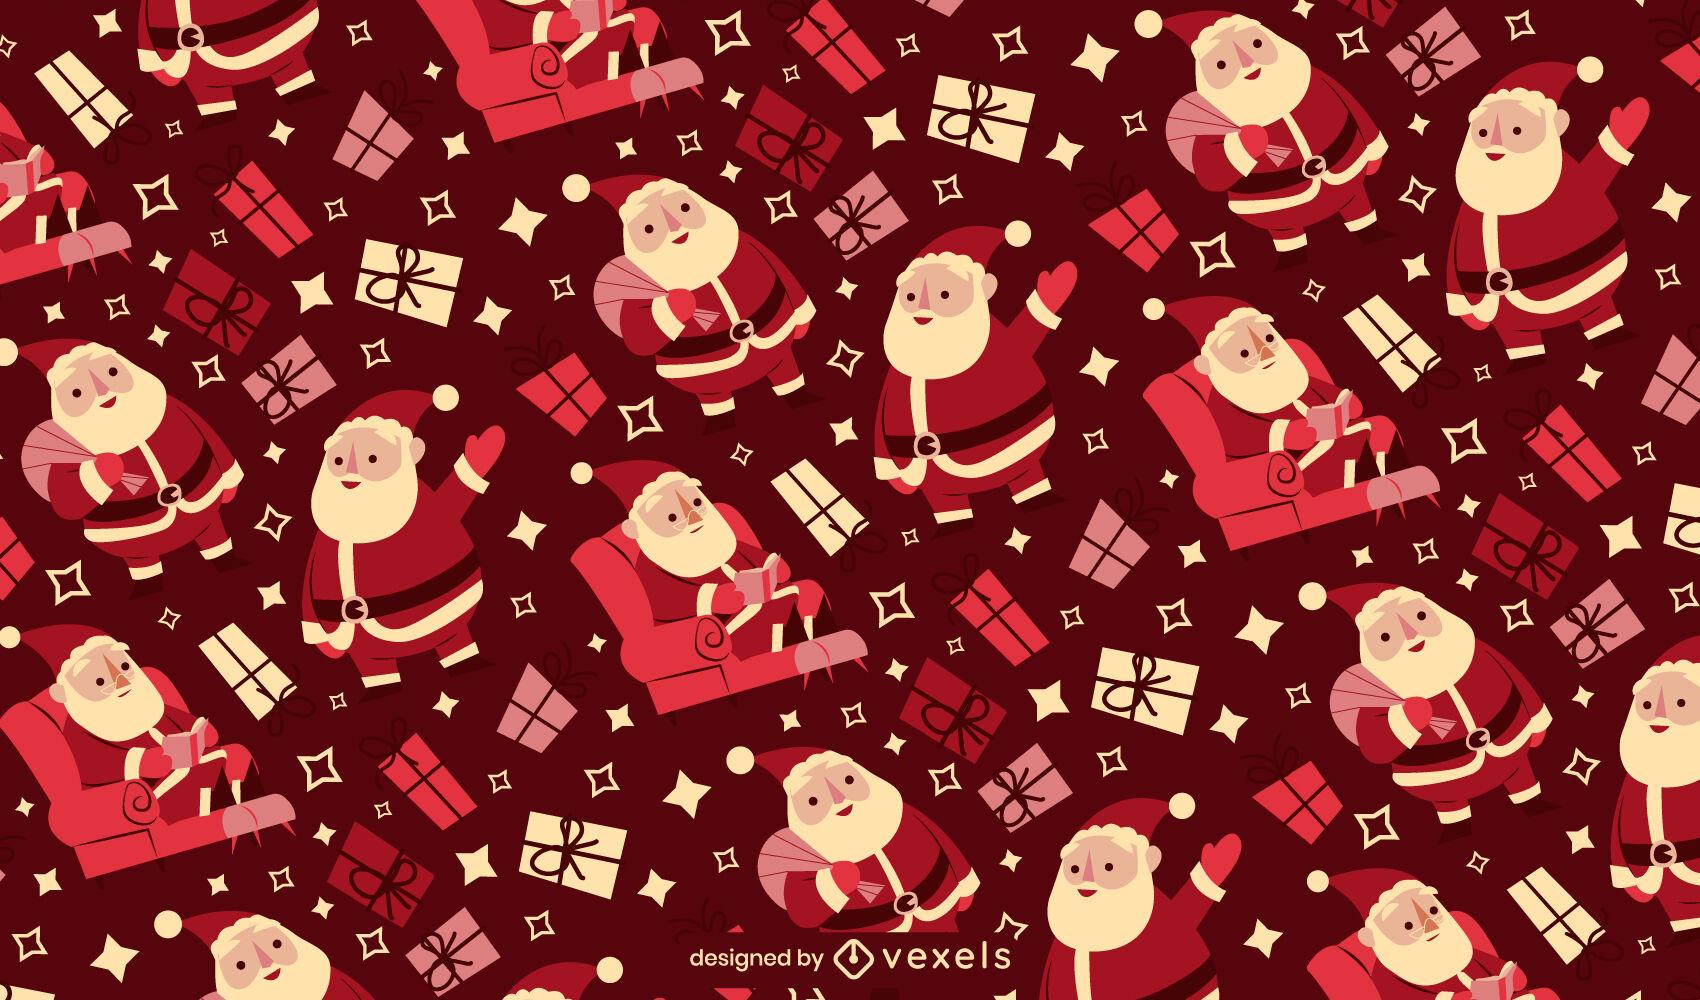 Weihnachtsmann-Weihnachtsjahreszeit-Musterdesign